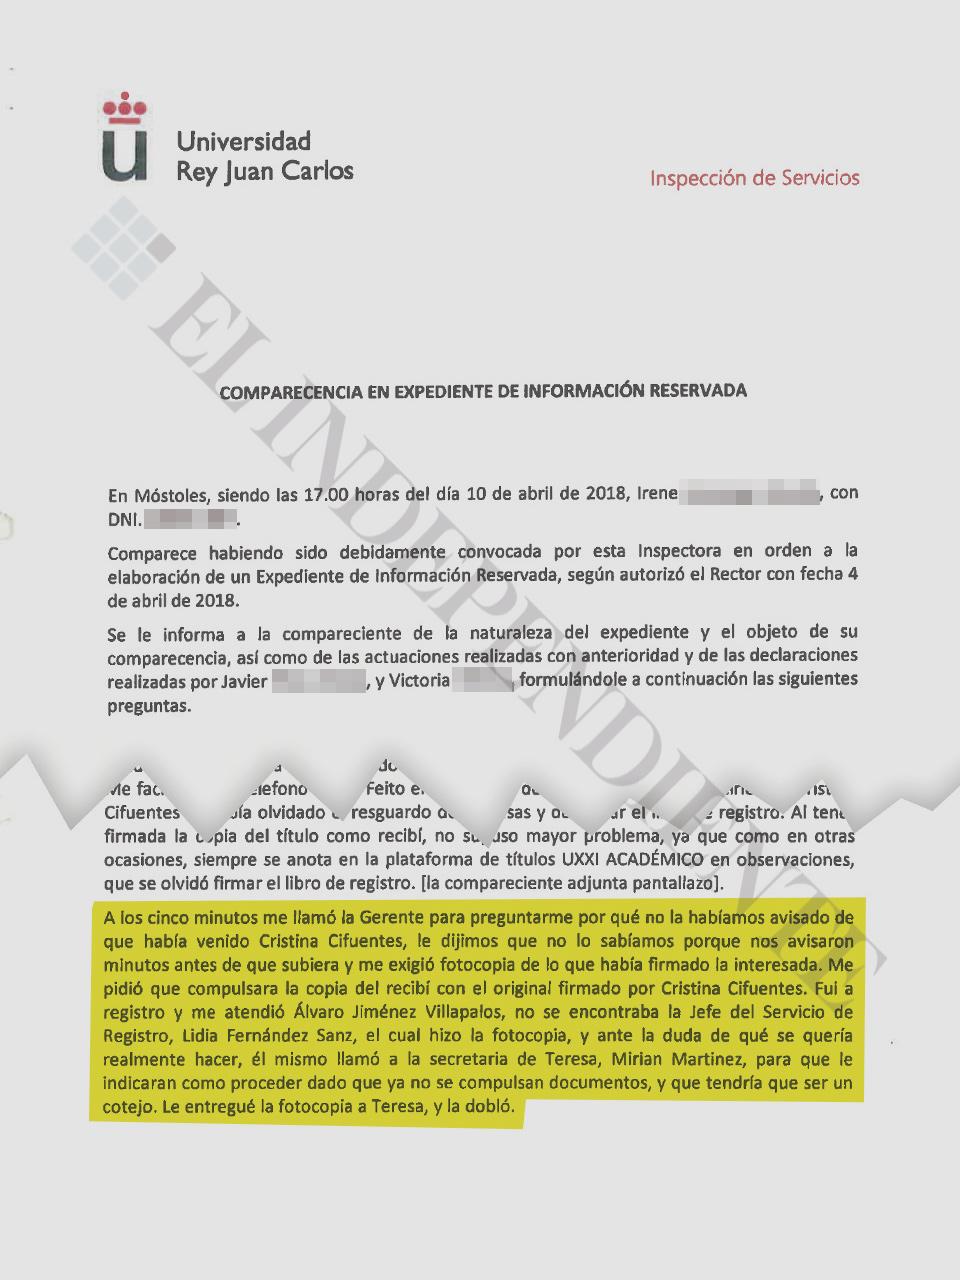 Otro de los testimonios de funcionarios de la URJC que comprometen a Sánchez Magdaleno.